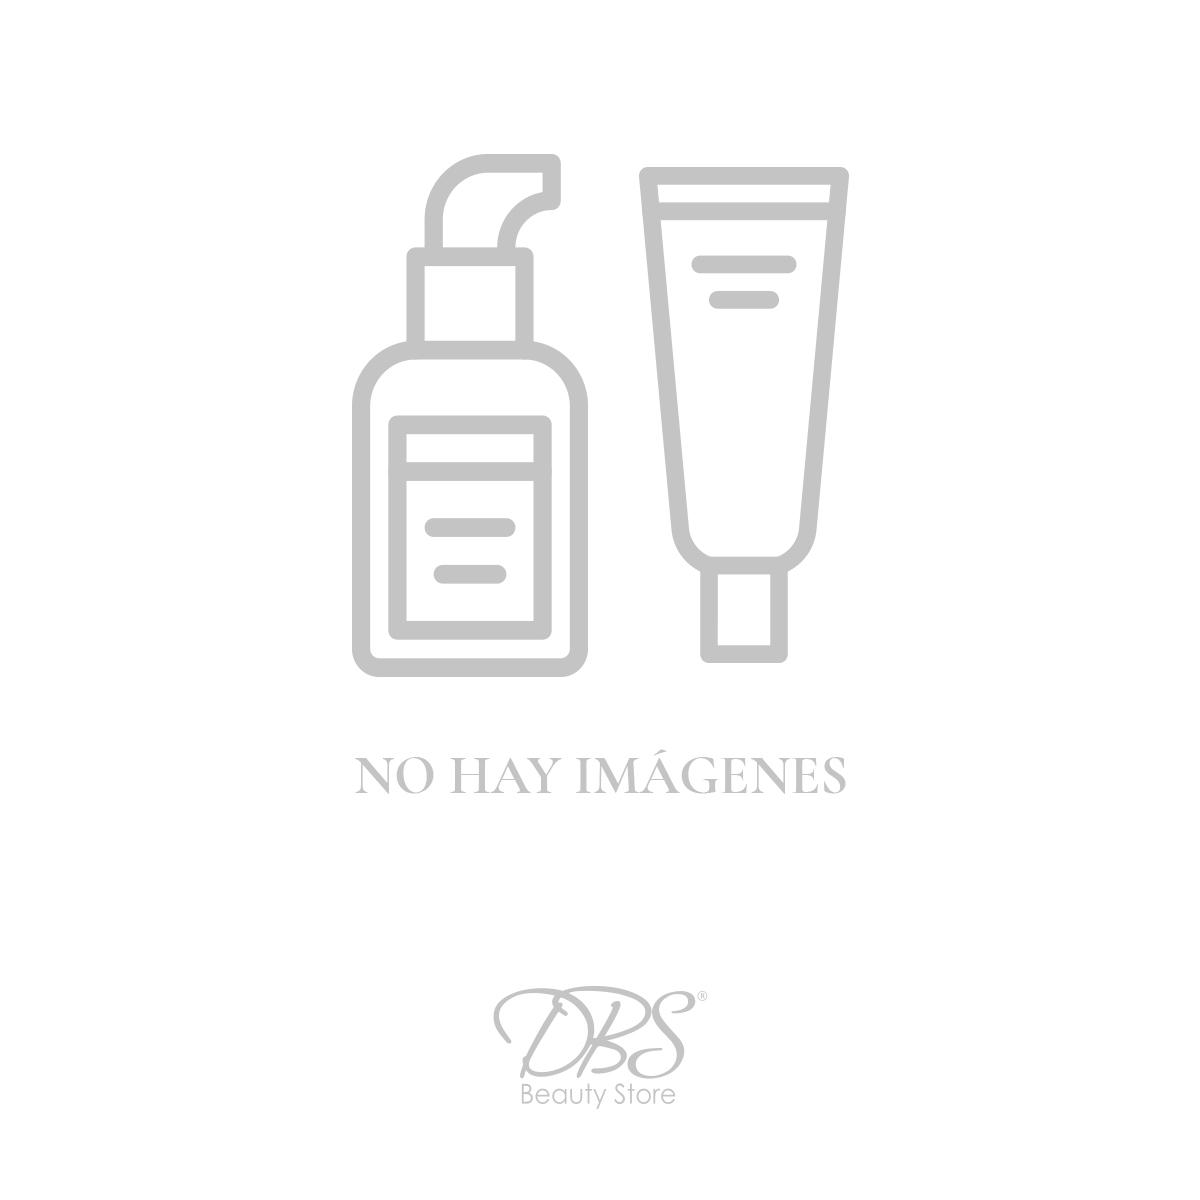 bath-and-body-works-BW-28633.jpg